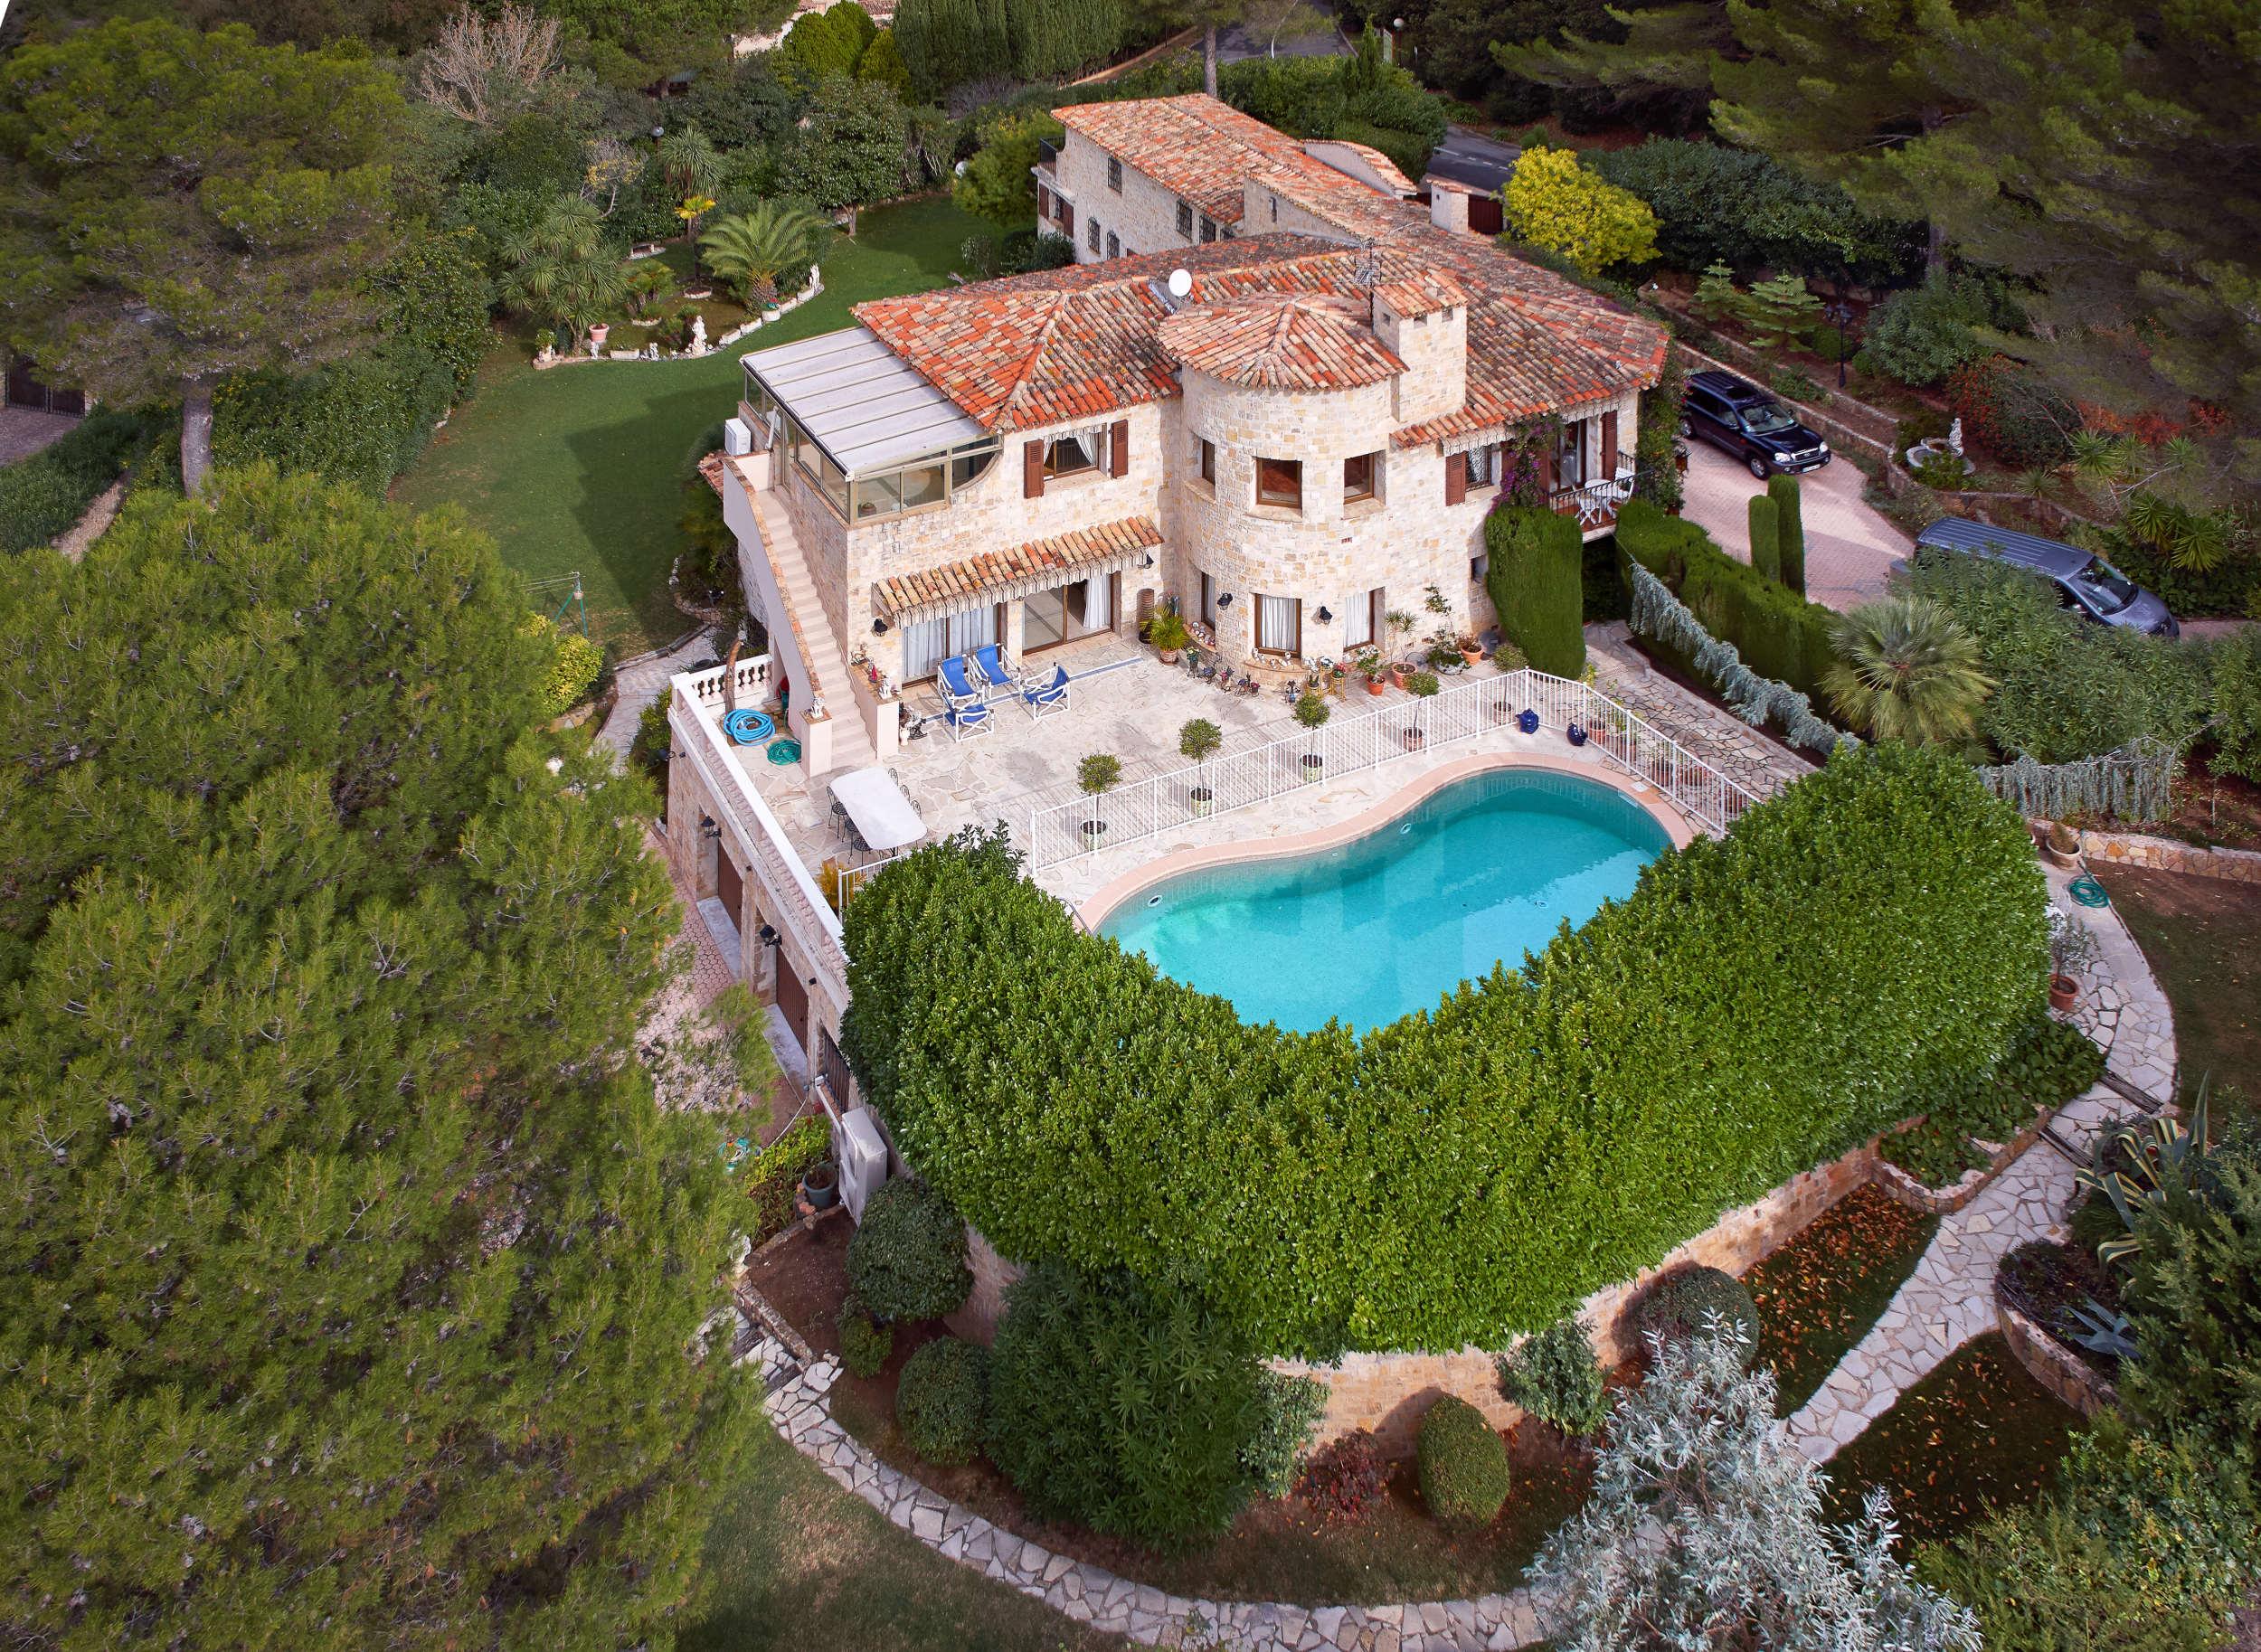 独户住宅 为 销售 在 Sole Agents - Private Estate - Spacious Country House for sale in Mougins Mougins, 普罗旺斯阿尔卑斯蓝色海岸 06250 法国